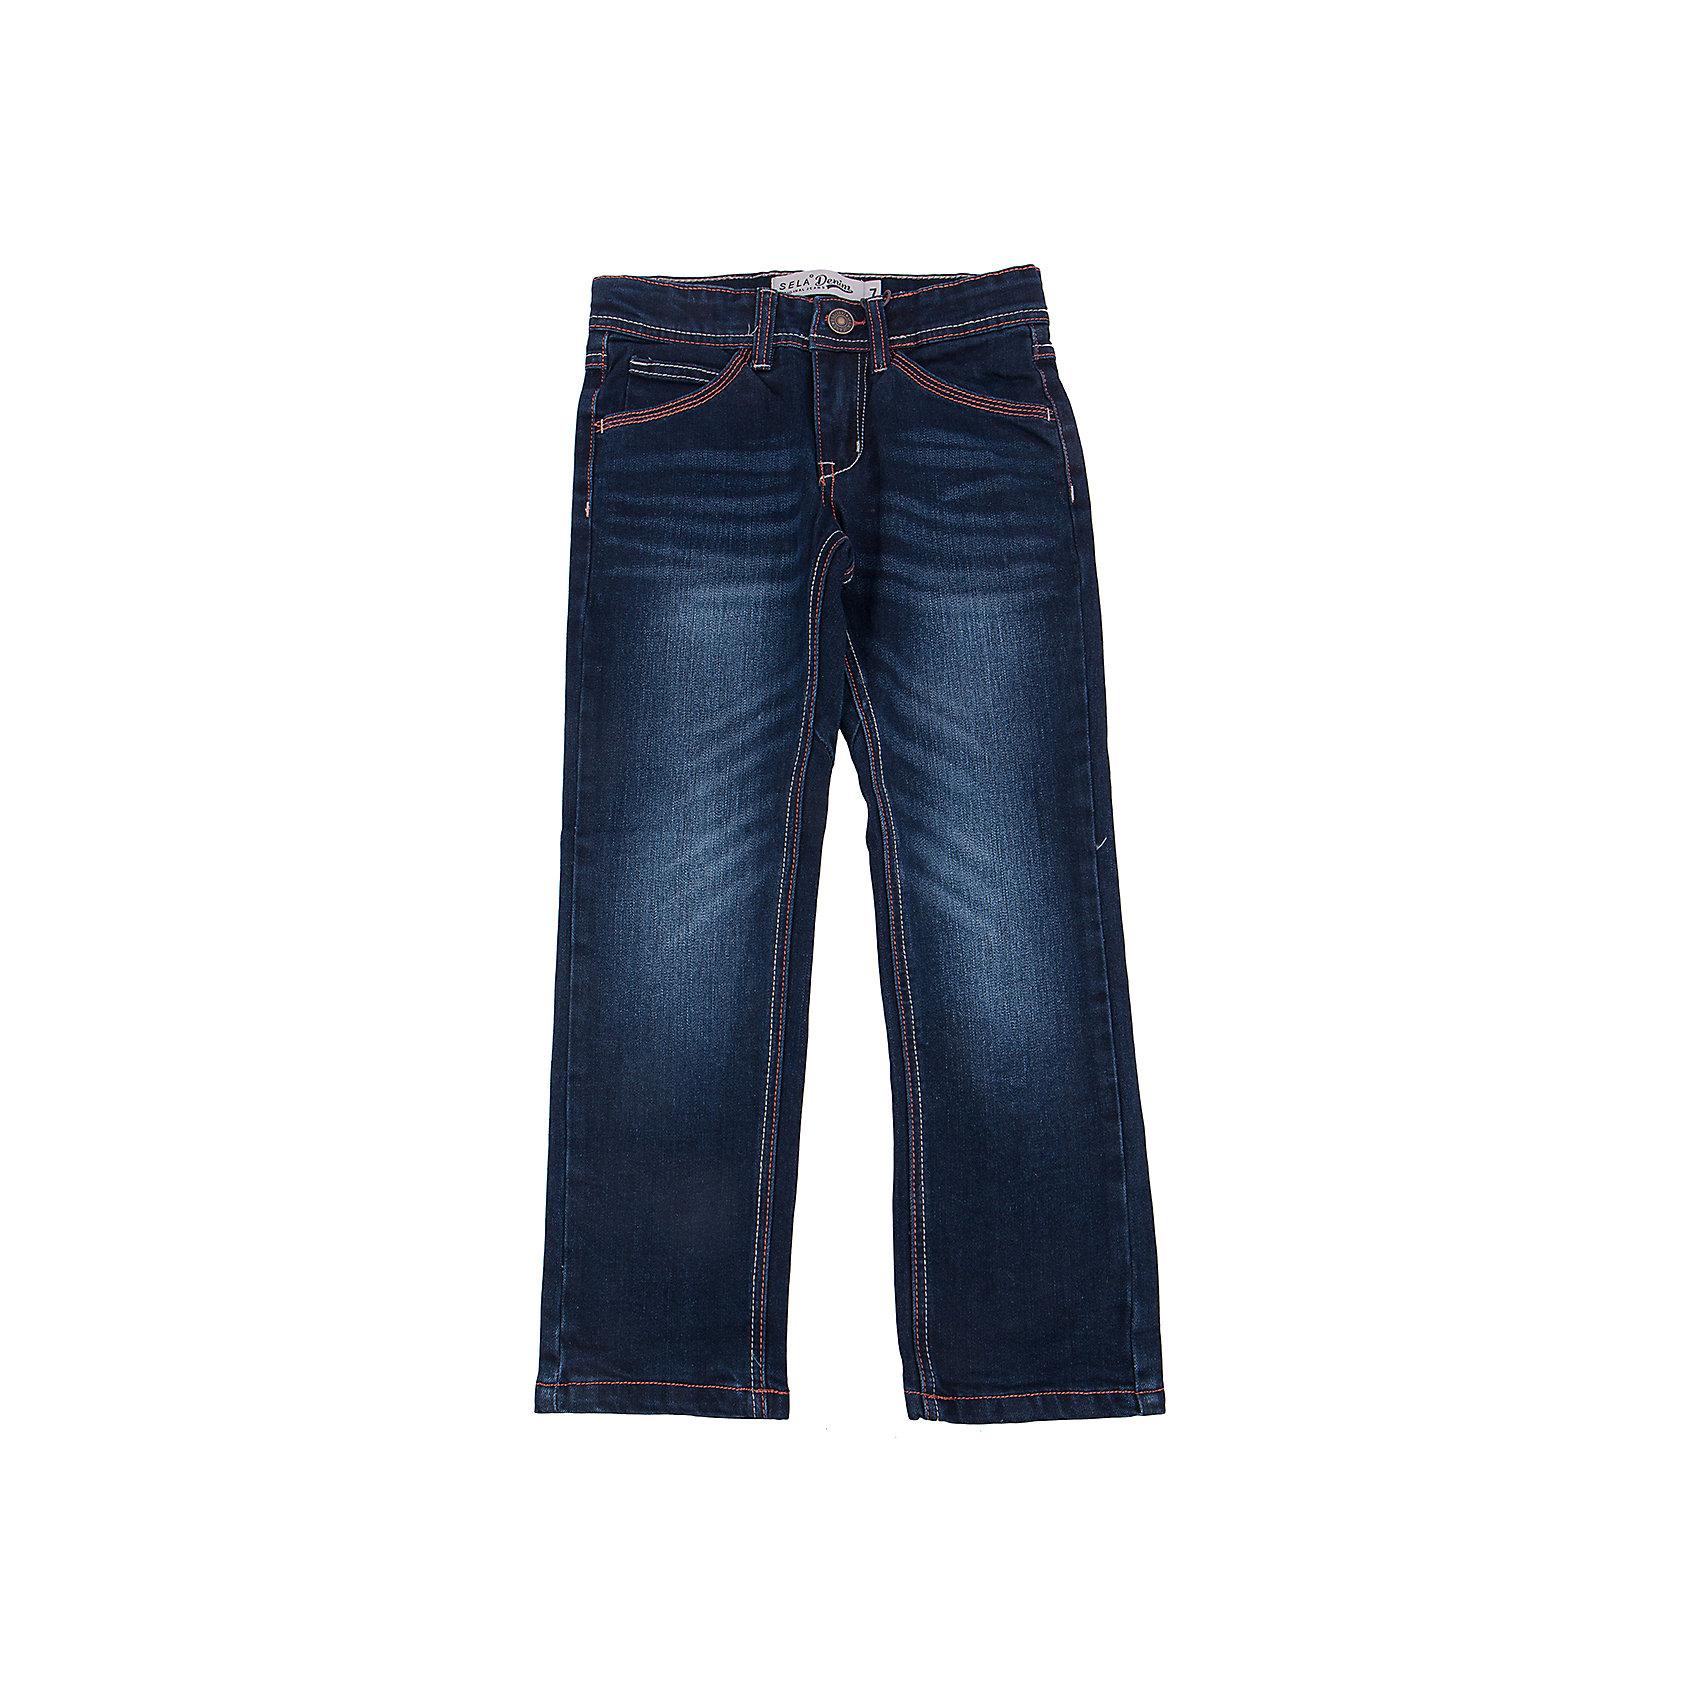 Джинсы для мальчика SELAДжинсовая одежда<br>Джинсы - незаменимая вещь в детском гардеробе. Эта модель отлично сидит на ребенке, она сшита из плотного материала, натуральный хлопок не вызывает аллергии и обеспечивает ребенку комфорт. Модель станет отличной базовой вещью, которая будет уместна в различных сочетаниях.<br>Одежда от бренда Sela (Села) - это качество по приемлемым ценам. Многие российские родители уже оценили преимущества продукции этой компании и всё чаще приобретают одежду и аксессуары Sela.<br><br>Дополнительная информация:<br><br>прямой силуэт;<br>материал: 76% хлопок, 16% ПЭ, 6% вискоза, 2% эластан; подкладка: 60% хлопок, 40% ПЭ;<br>плотный материал.<br><br>Джинсы для мальчика от бренда Sela можно купить в нашем интернет-магазине.<br><br>Ширина мм: 215<br>Глубина мм: 88<br>Высота мм: 191<br>Вес г: 336<br>Цвет: синий<br>Возраст от месяцев: 120<br>Возраст до месяцев: 132<br>Пол: Мужской<br>Возраст: Детский<br>Размер: 146,140,152,122,128,134<br>SKU: 5008085